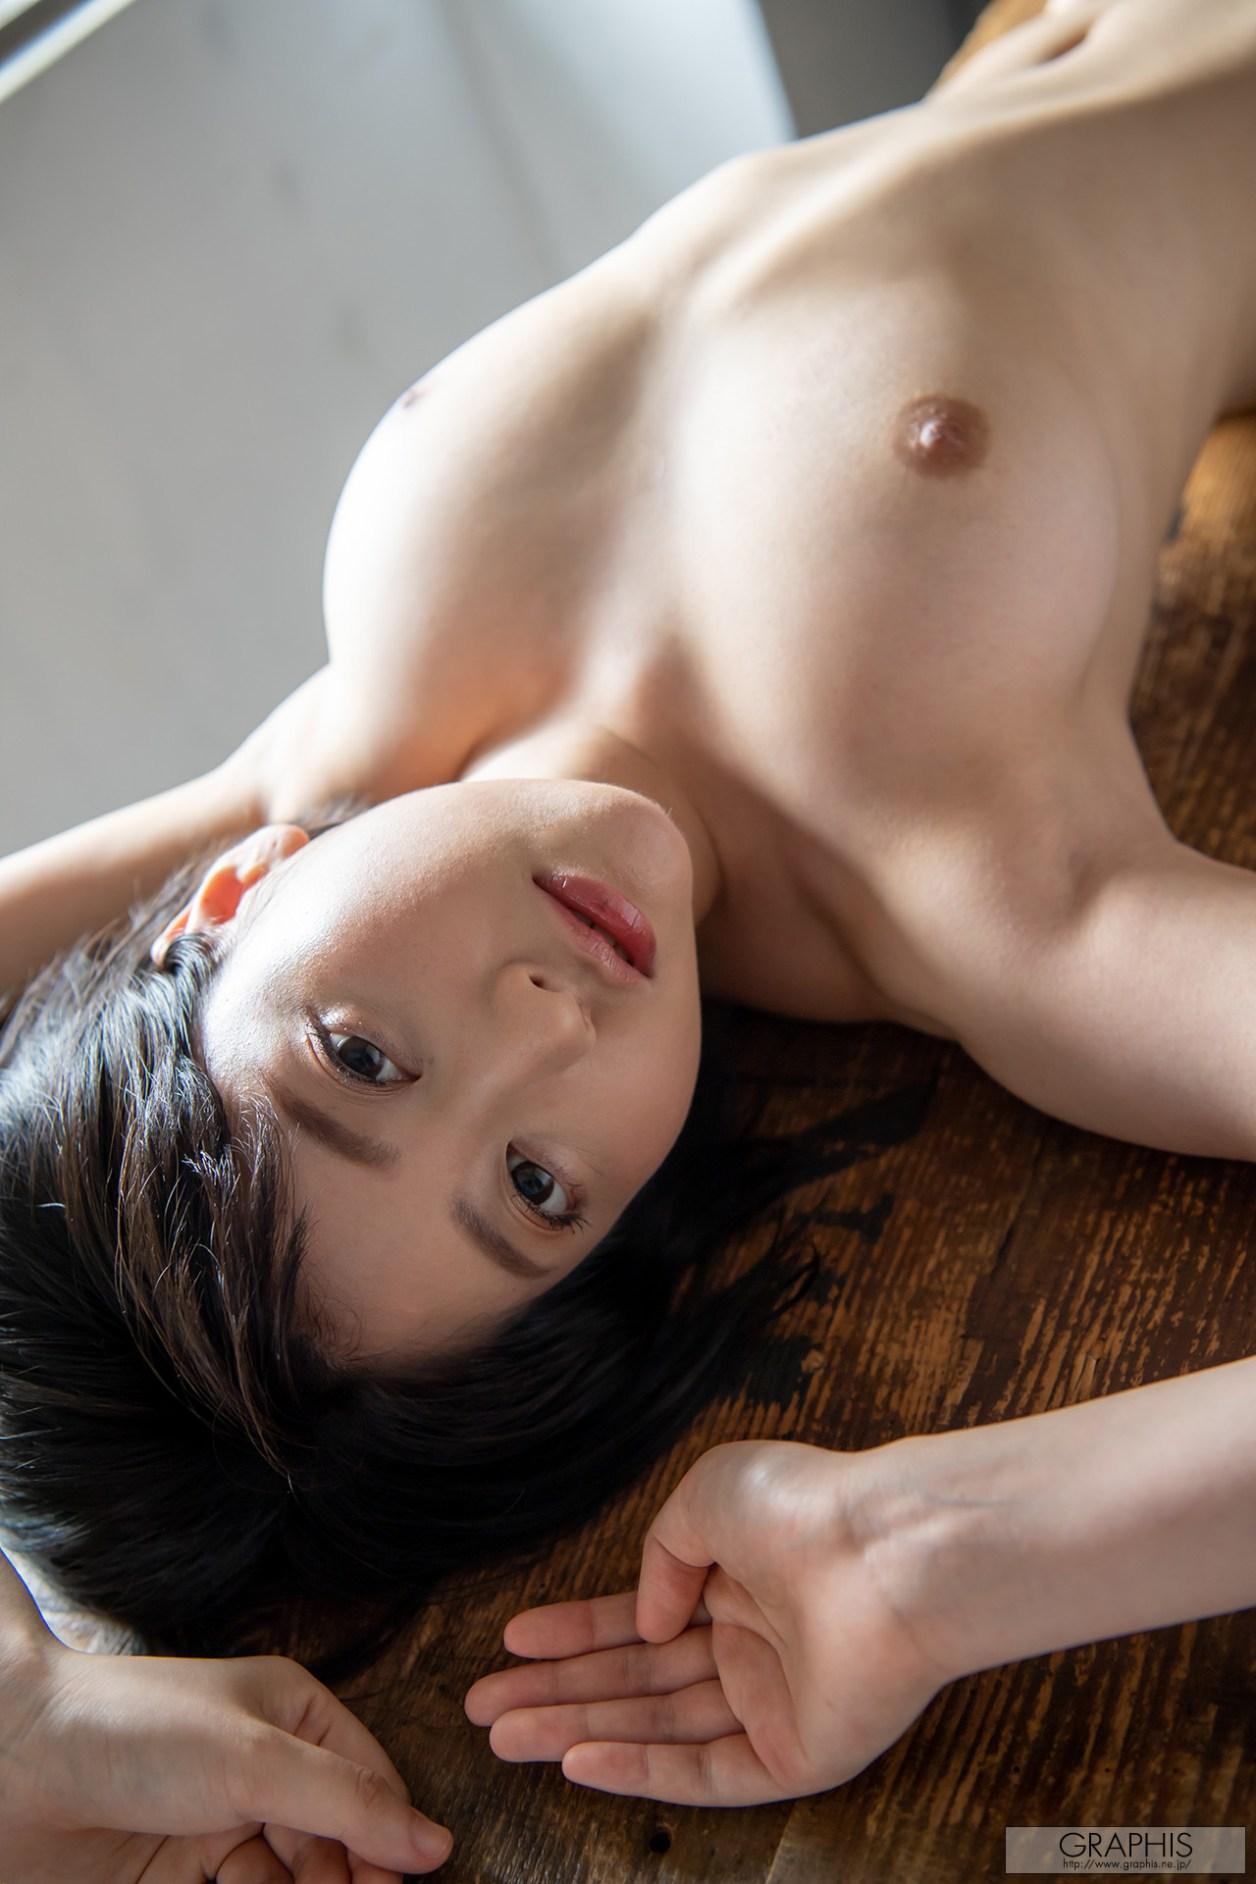 夏目響 Sounds Cute!! vol.2 AV女優 ヌードグラビア 040